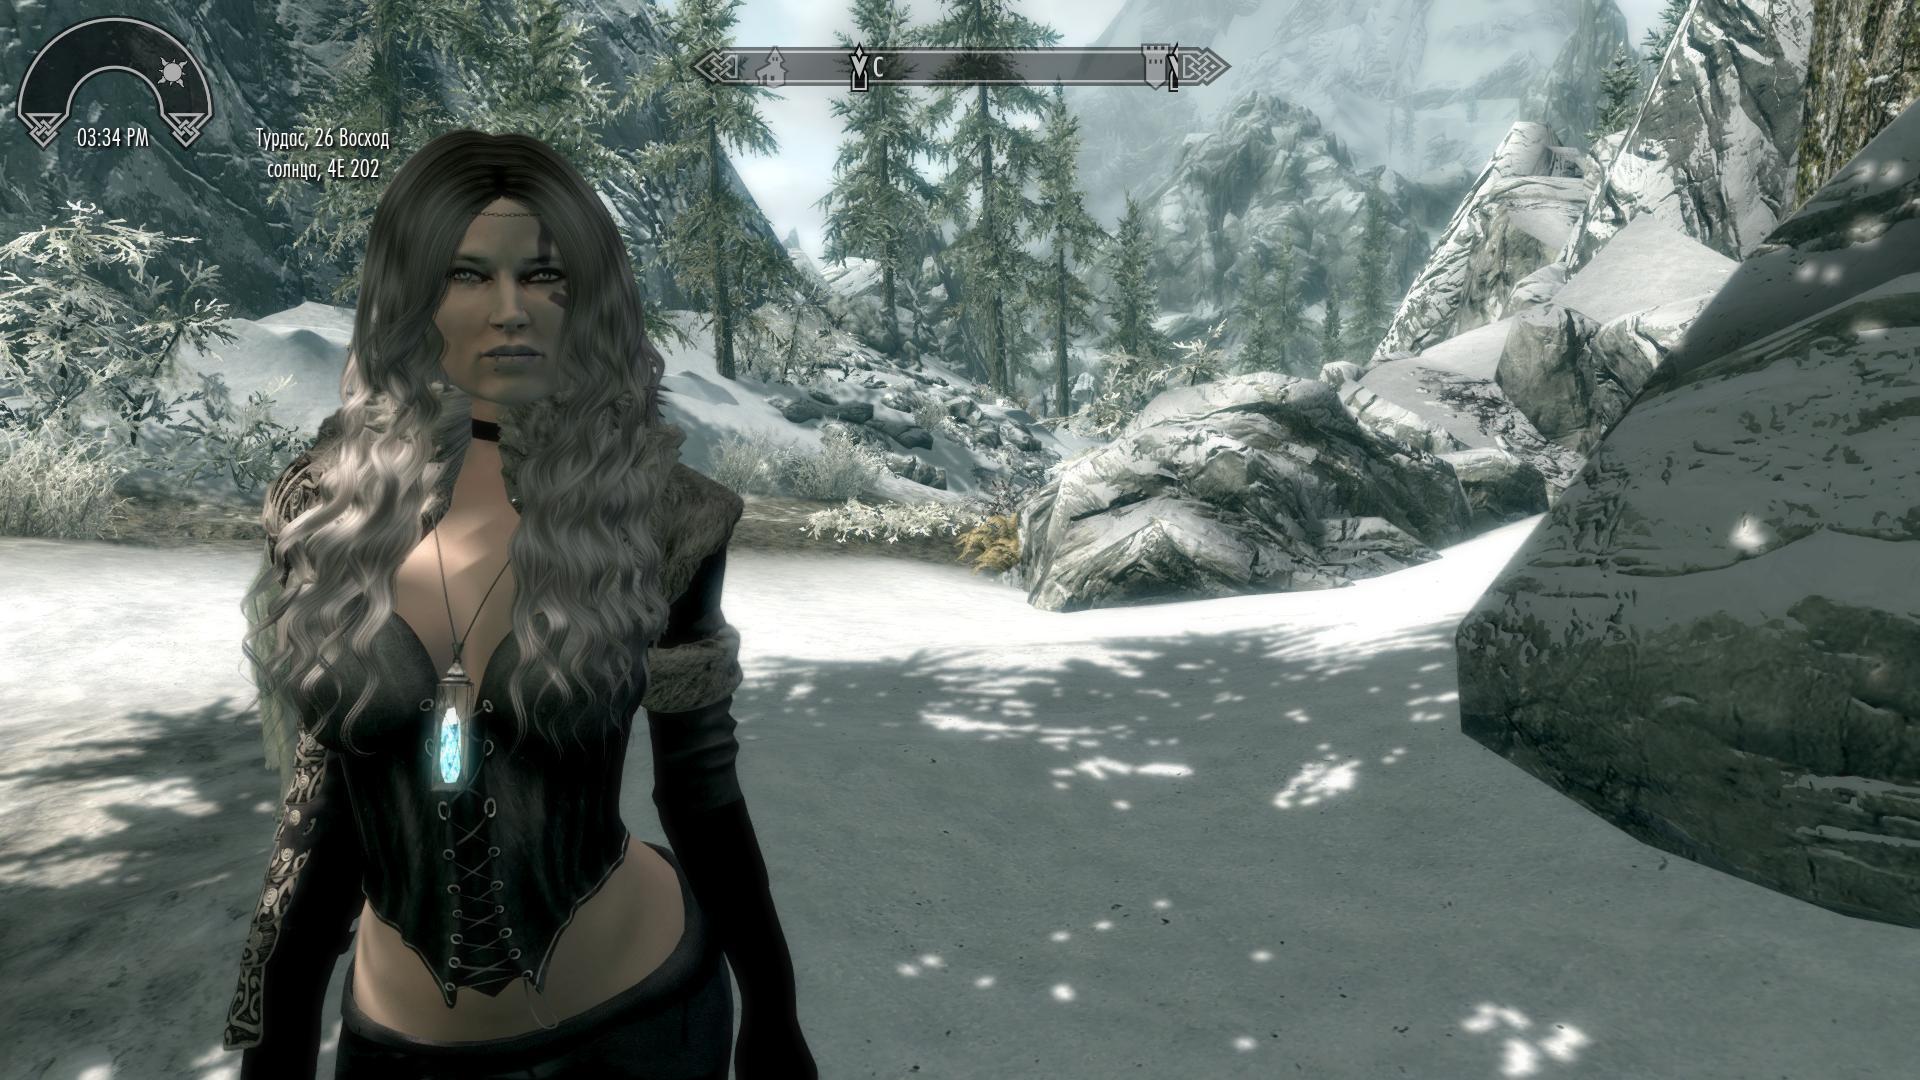 Героиня ракурс 31 - Elder Scrolls 5: Skyrim, the